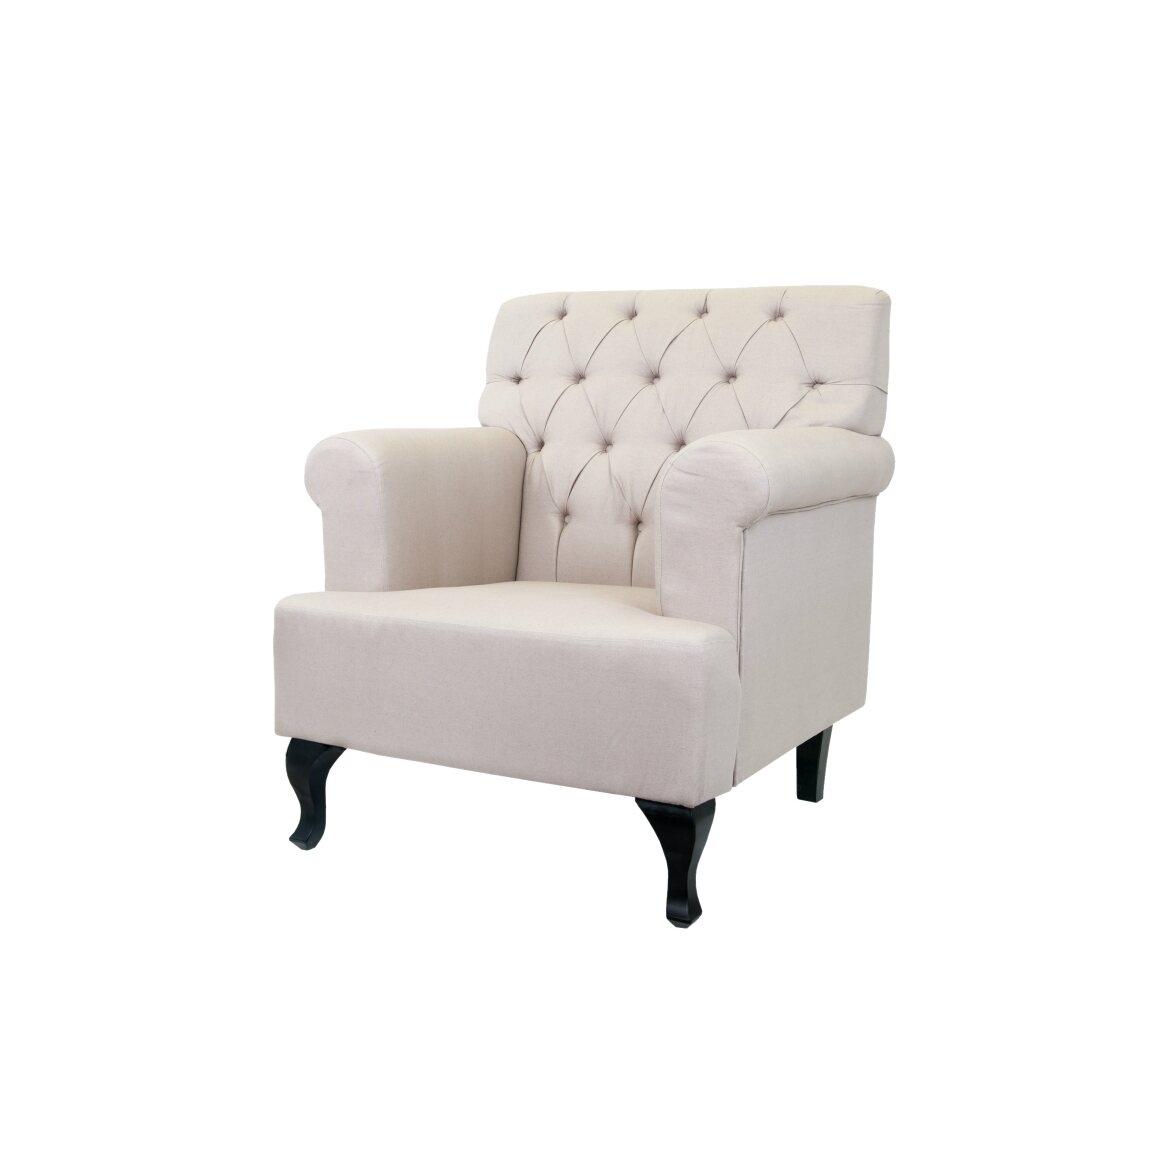 Кресло Kaniel beige 3 | Каминные кресла Kingsby